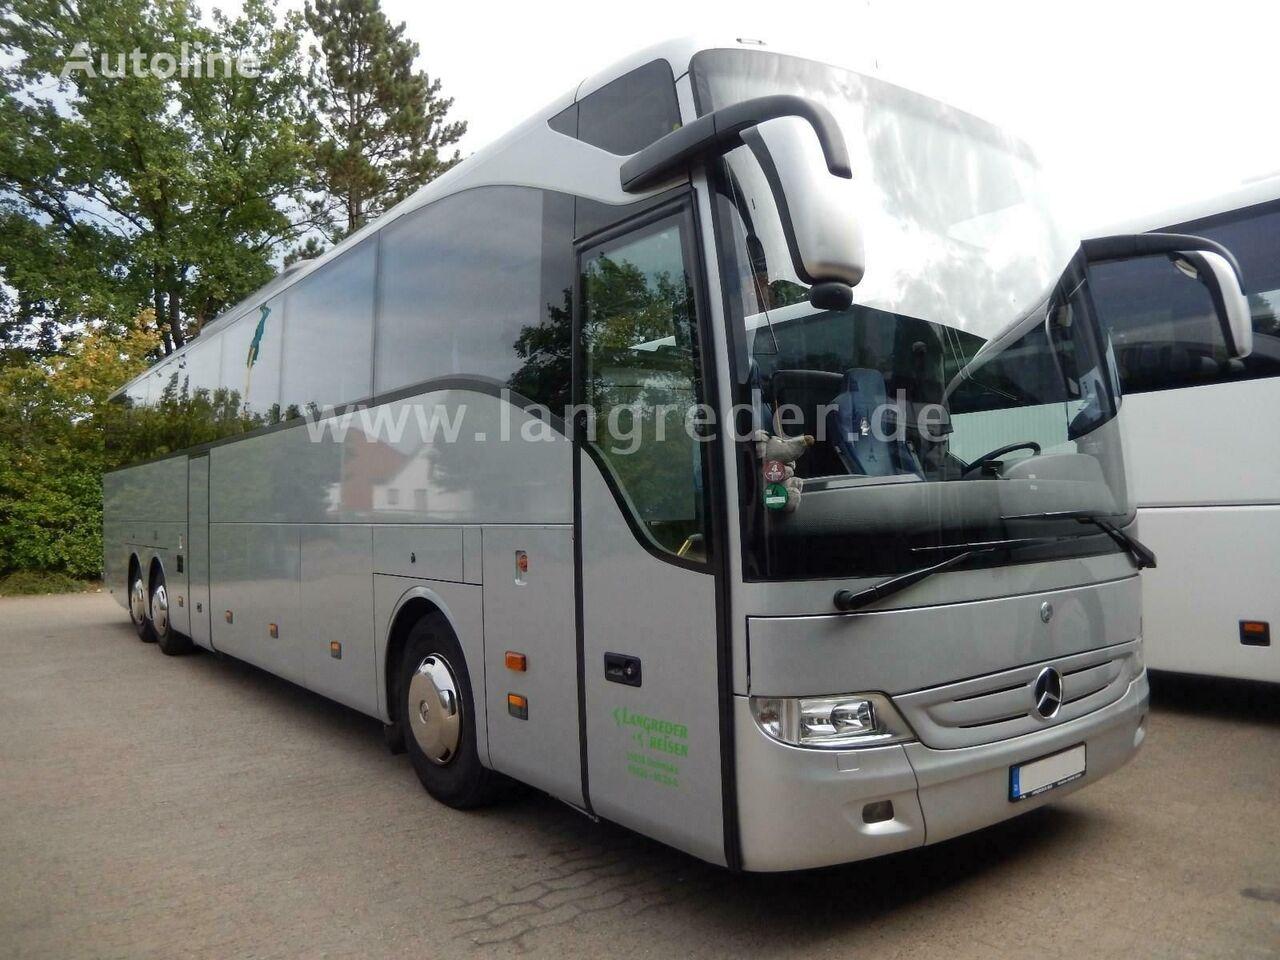 MERCEDES-BENZ Tourismo RHD-L autocarro turístico